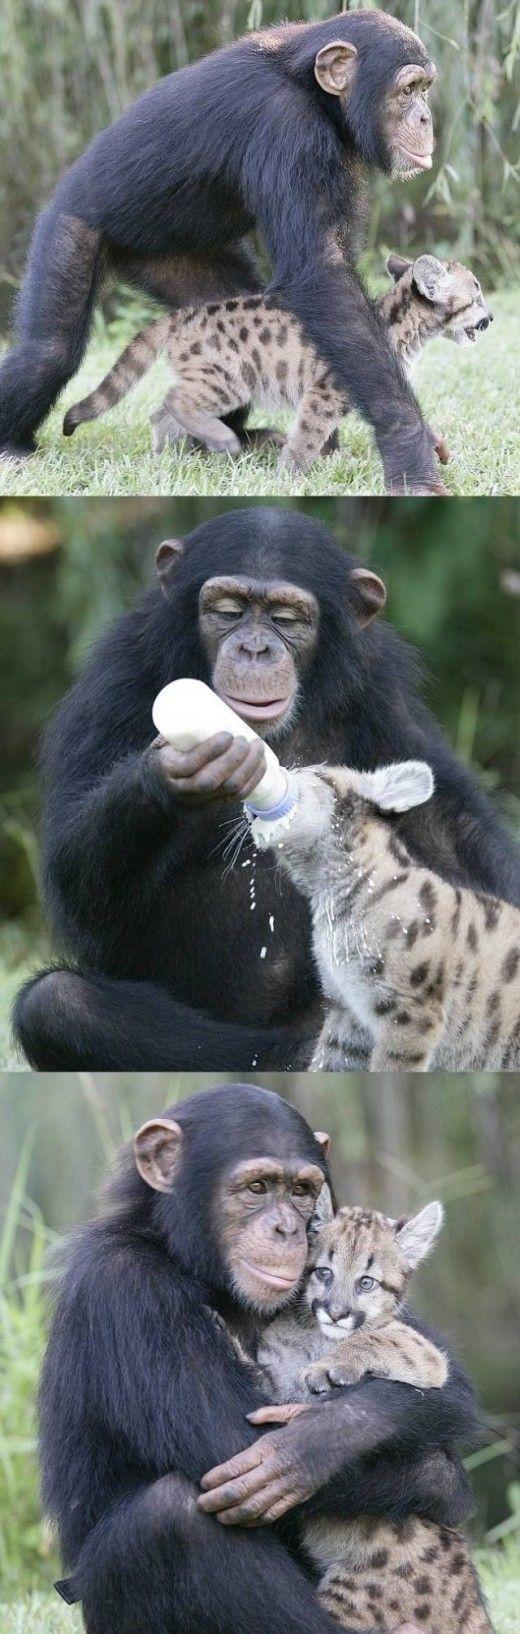 As vezes alguns animais adquirem amigos... digamos... diferentes. E isso é simplesmente lindo de se ver.